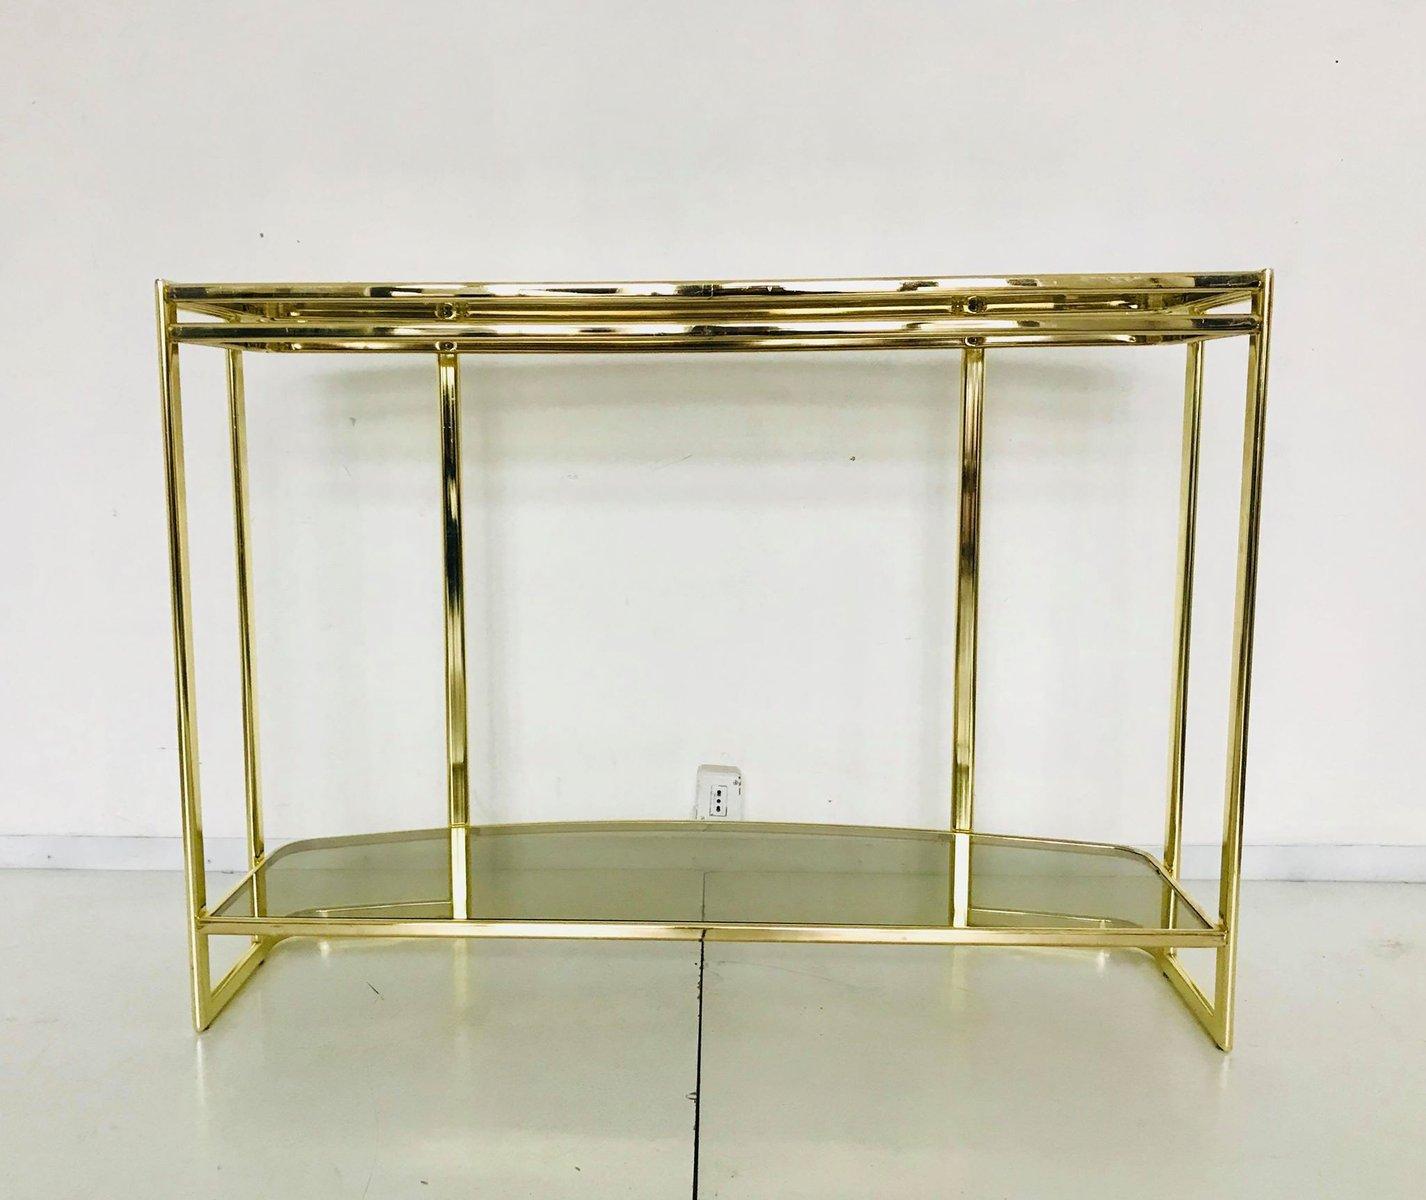 table console et miroir italie 1970s en vente sur pamono. Black Bedroom Furniture Sets. Home Design Ideas